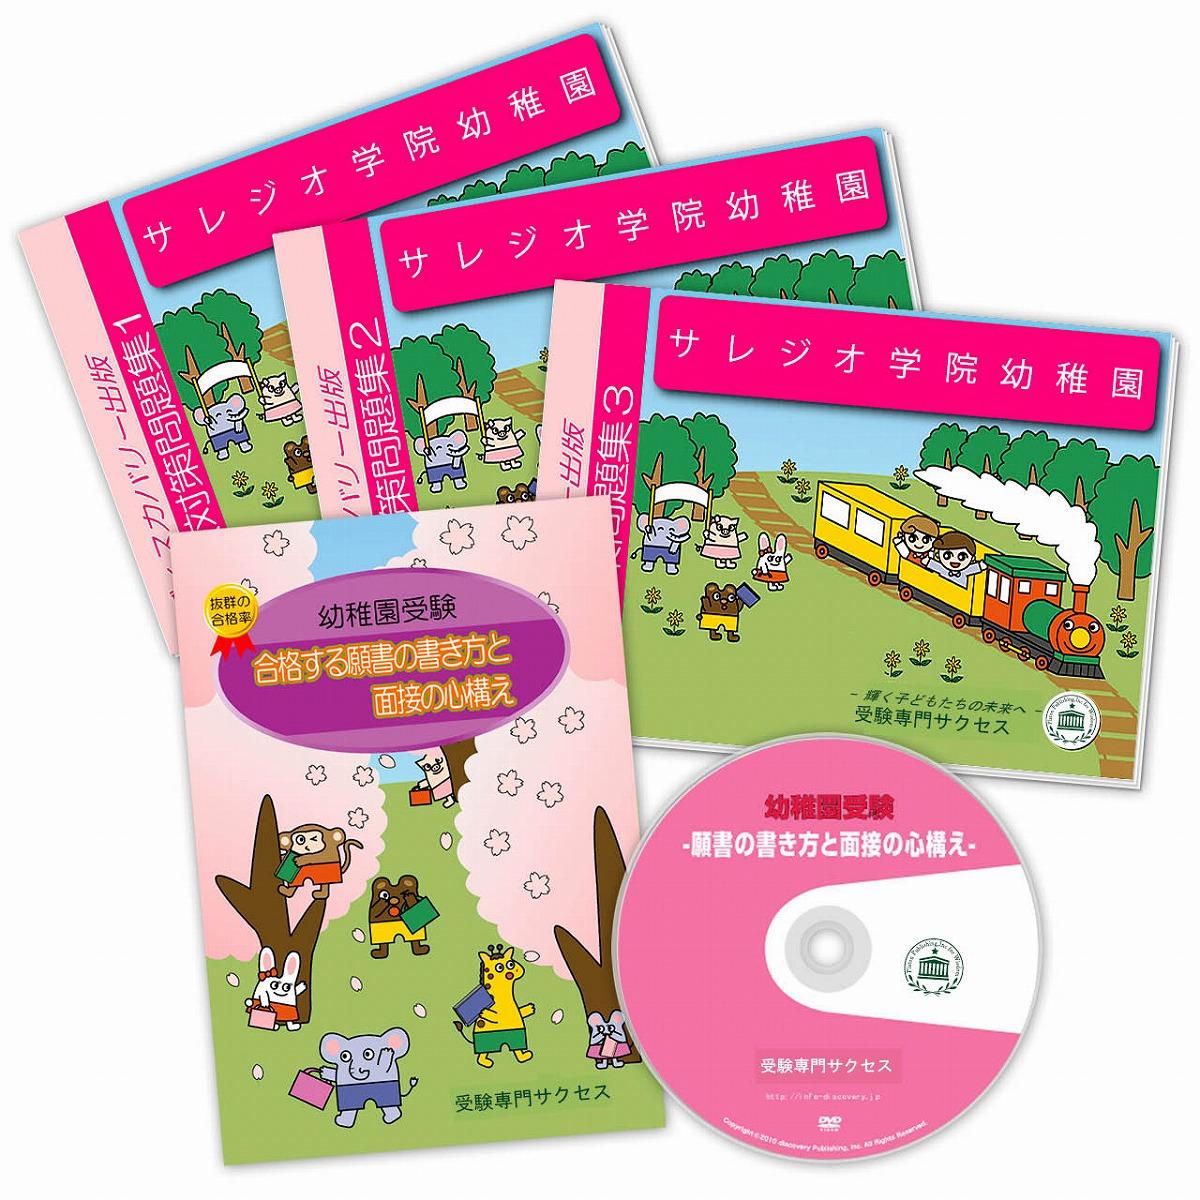 【送料・代引手数料無料】サレジオ学院幼稚園・合格セット